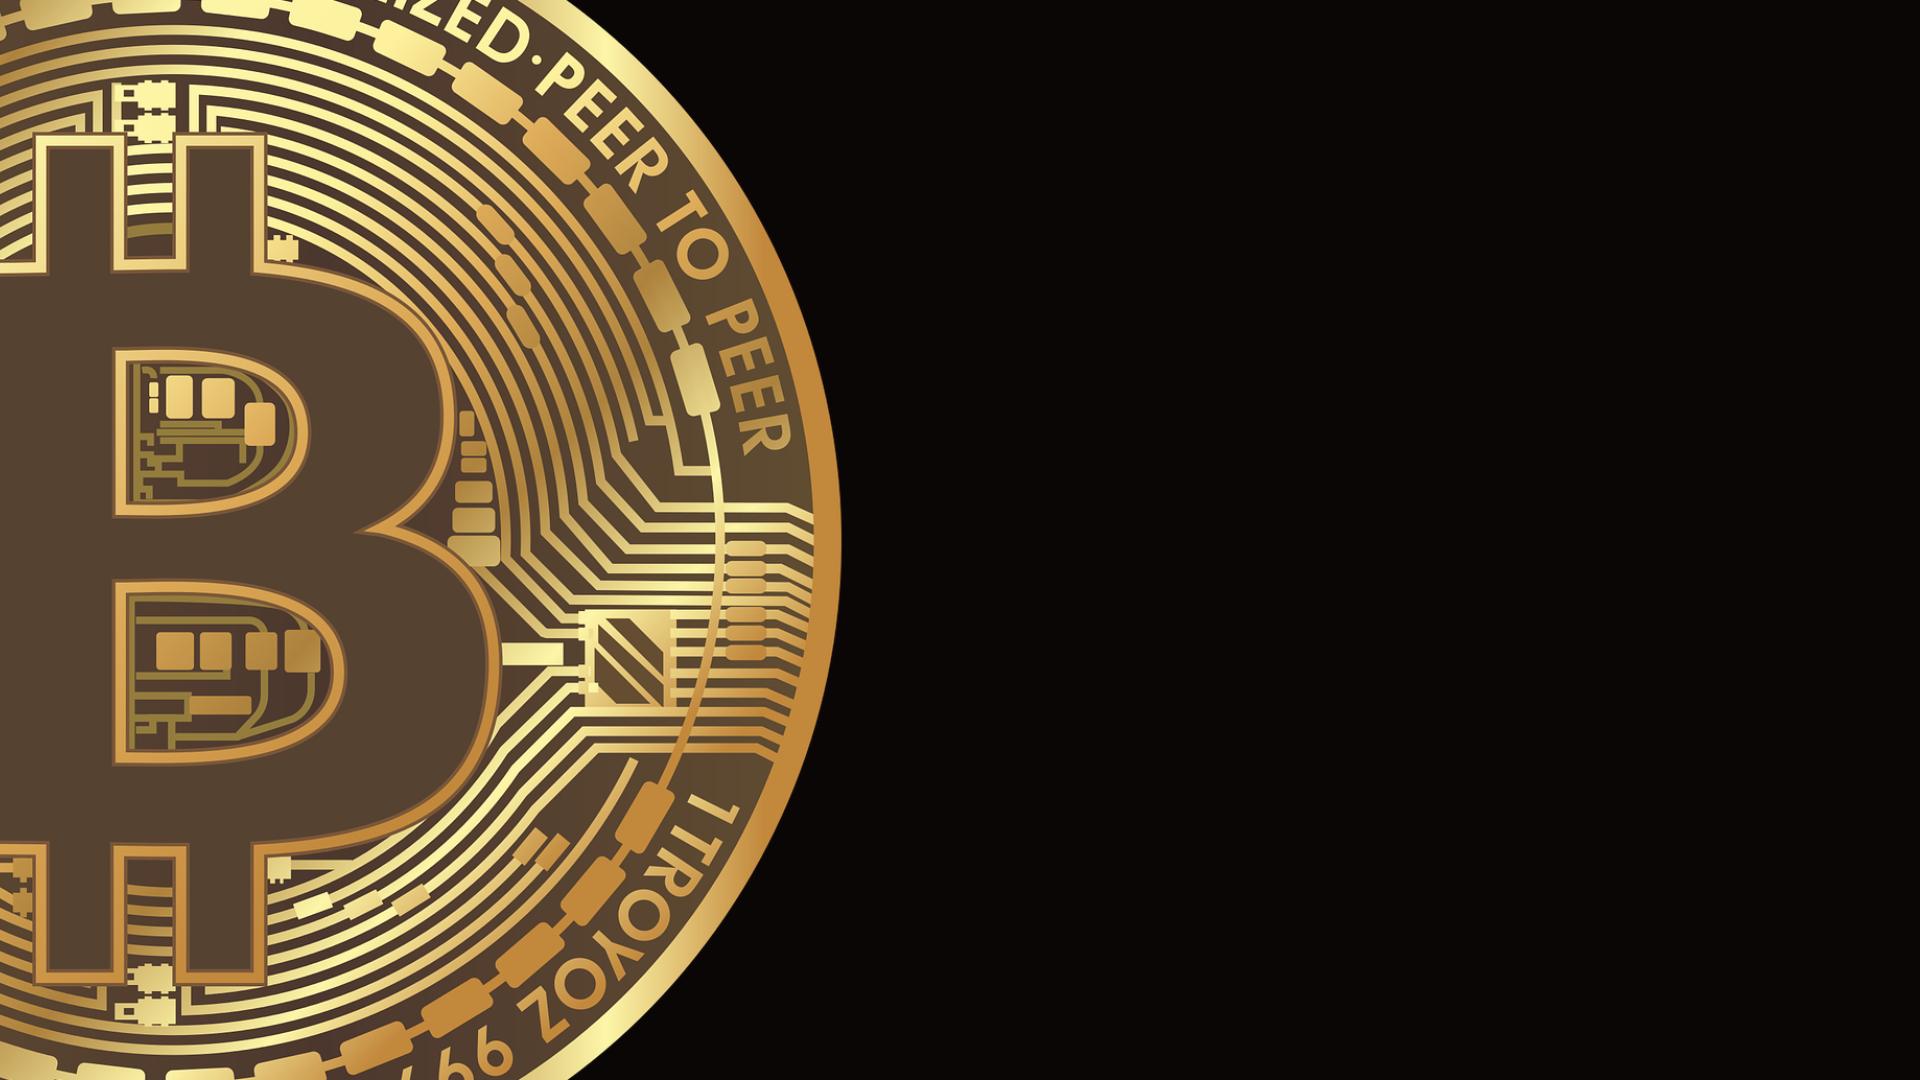 Le premier fonds indiciel (ETF) lié au bitcoin vient à peine d'être lancé à la bourse de New-York que déjà deux autres fonds similaires s'apprêtent à ouvrir. Cette nouveauté ne bouleversera pas fondamentalement les possibilités d'investisse